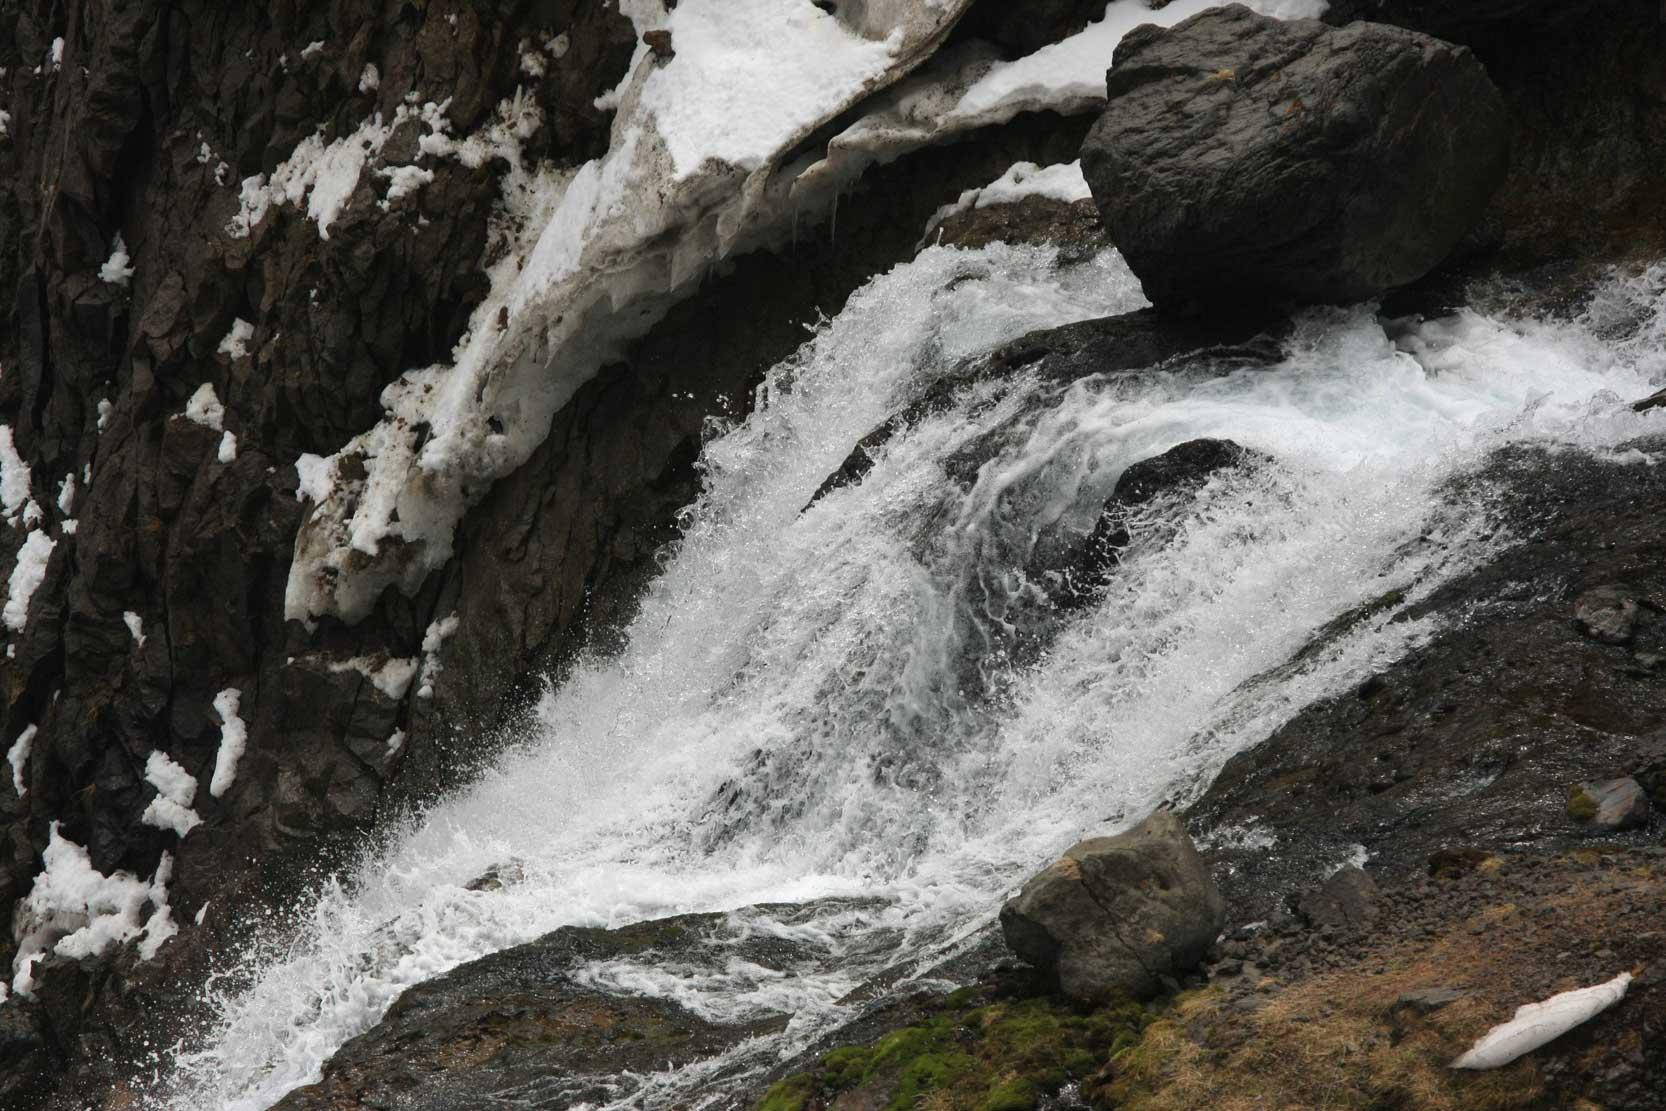 聖なる高原リゾート、長白山に登る_b0235153_1312015.jpg